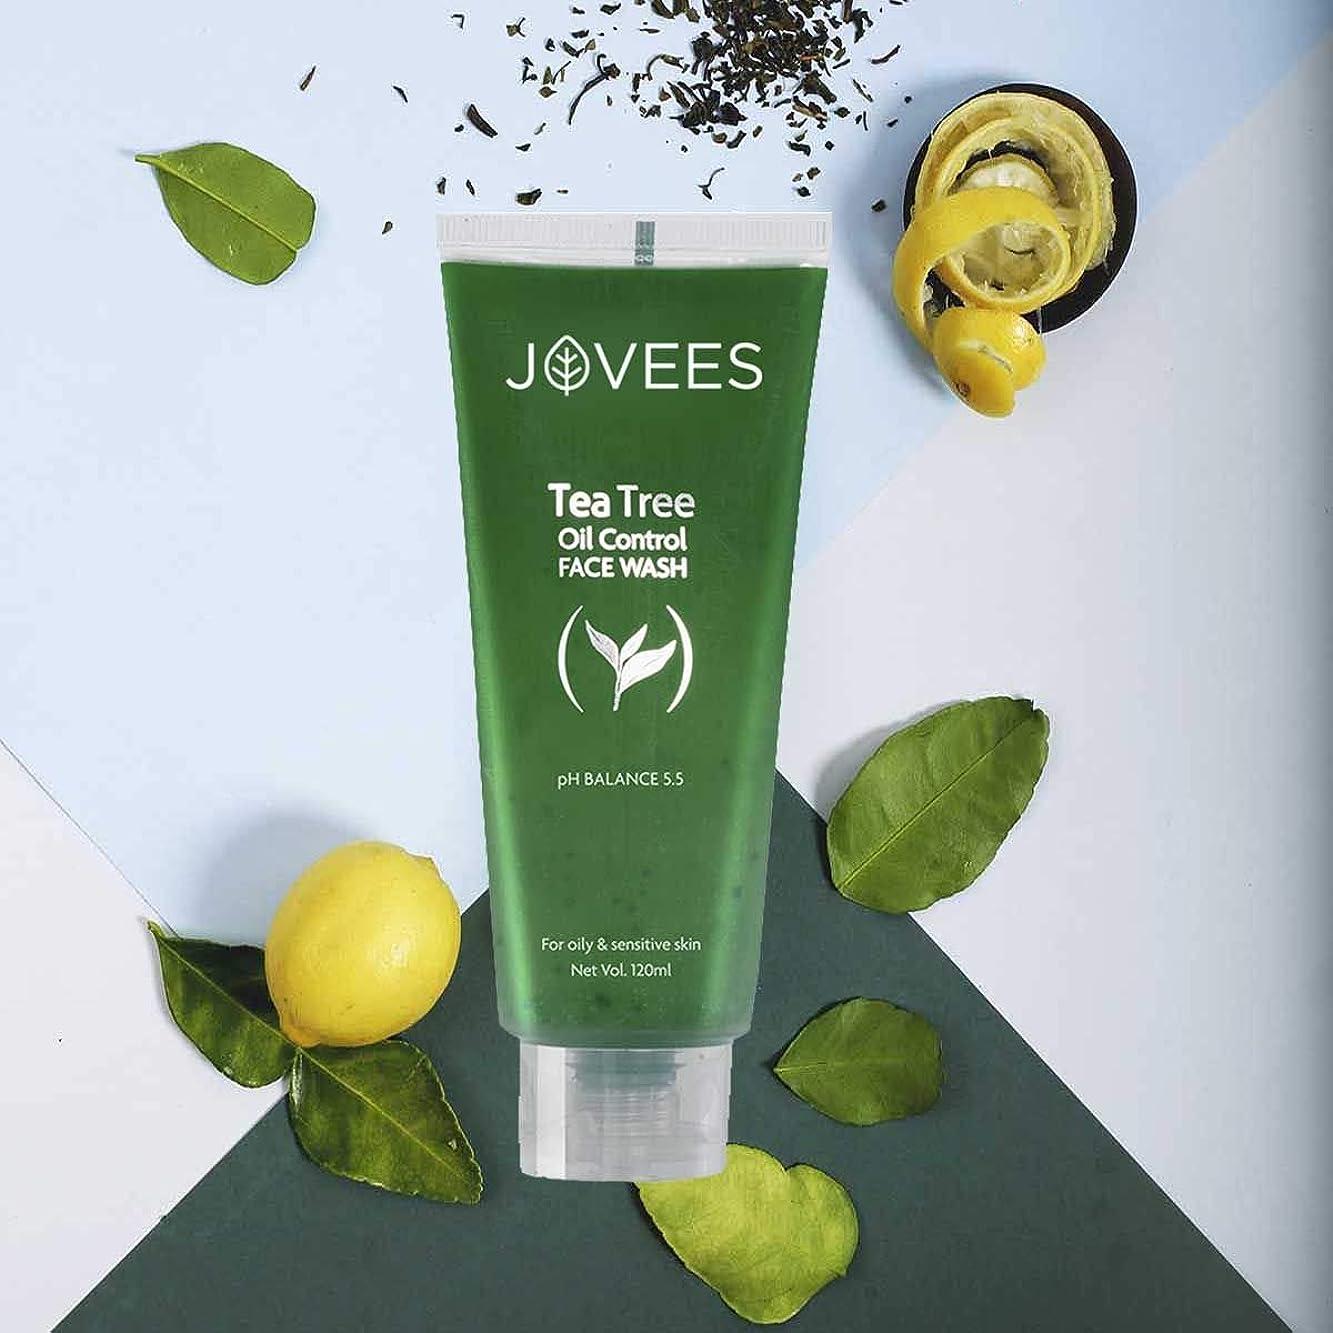 可能にするメカニック角度Jovees Tea Tree Oil Control Face Wash 120ml Best for oily & sensitive skin control acne ティーツリーオイルコントロールフェイスウォッシュ油性&敏感肌用にきびに最適